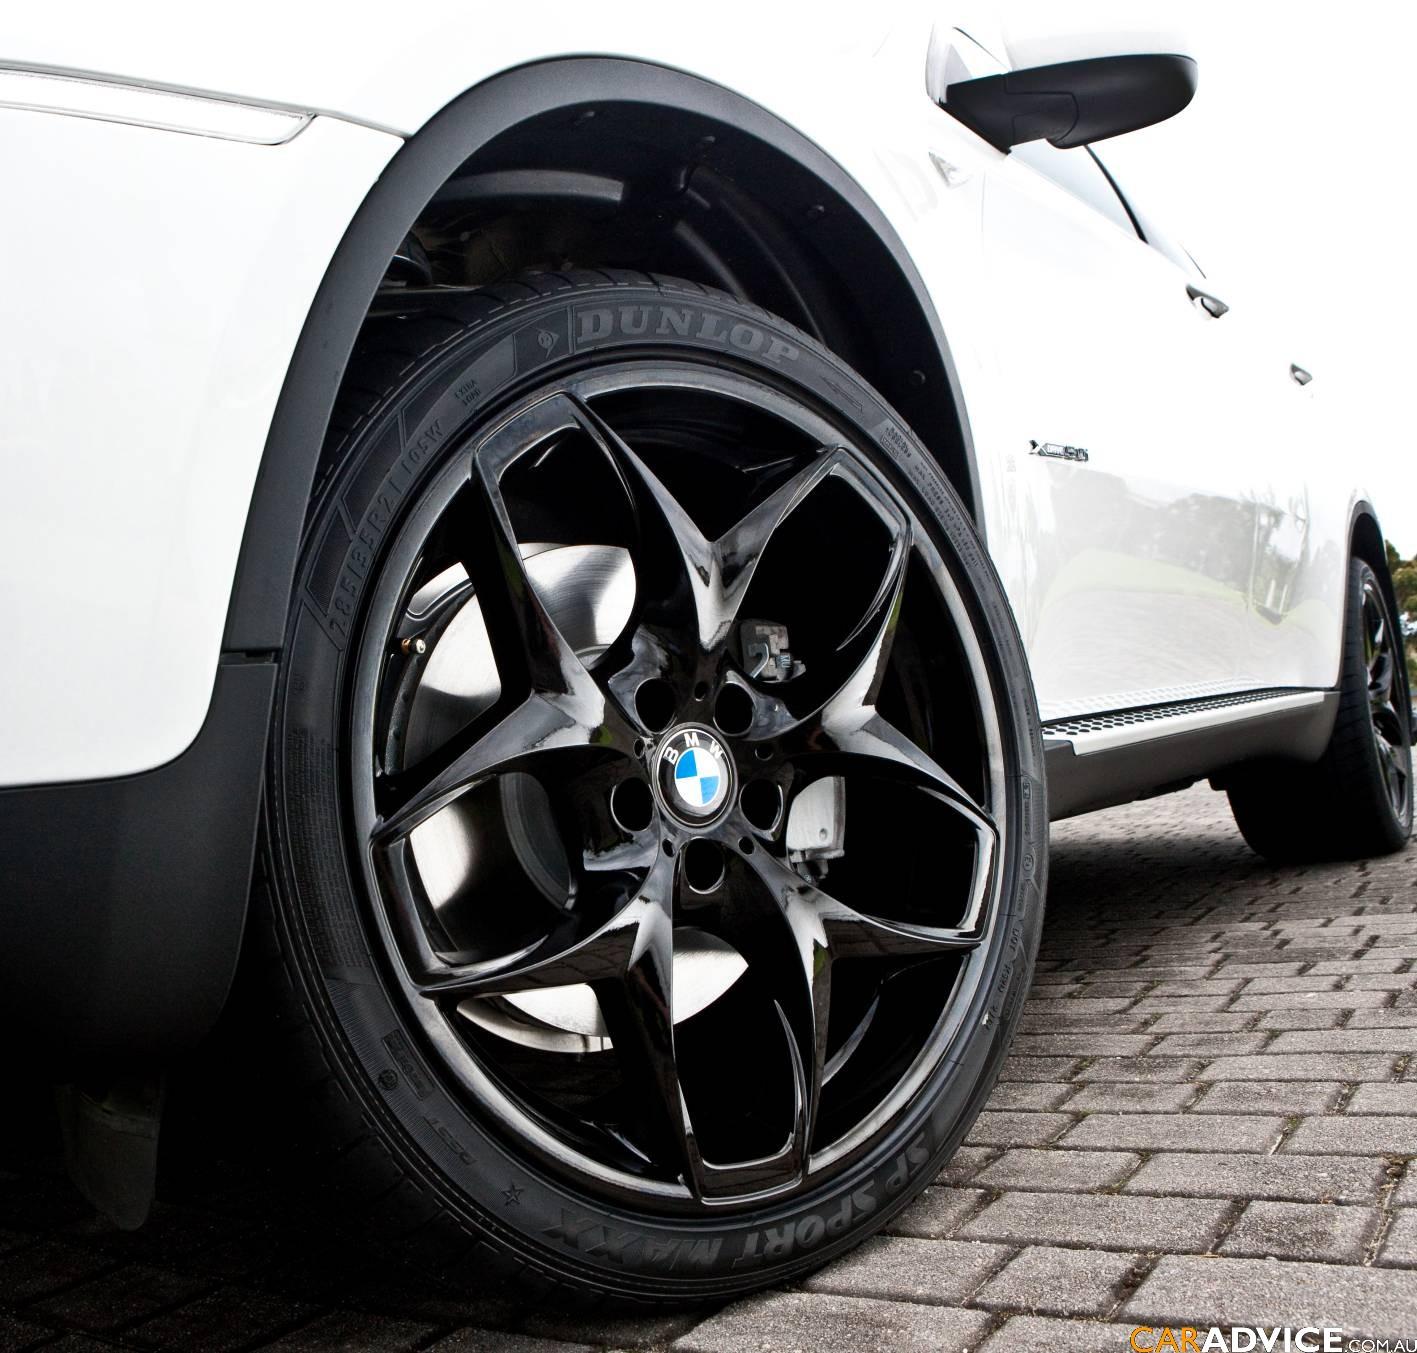 Bmw X6 Xdrive50i: 2009 BMW X6 XDrive50i Review - Photos